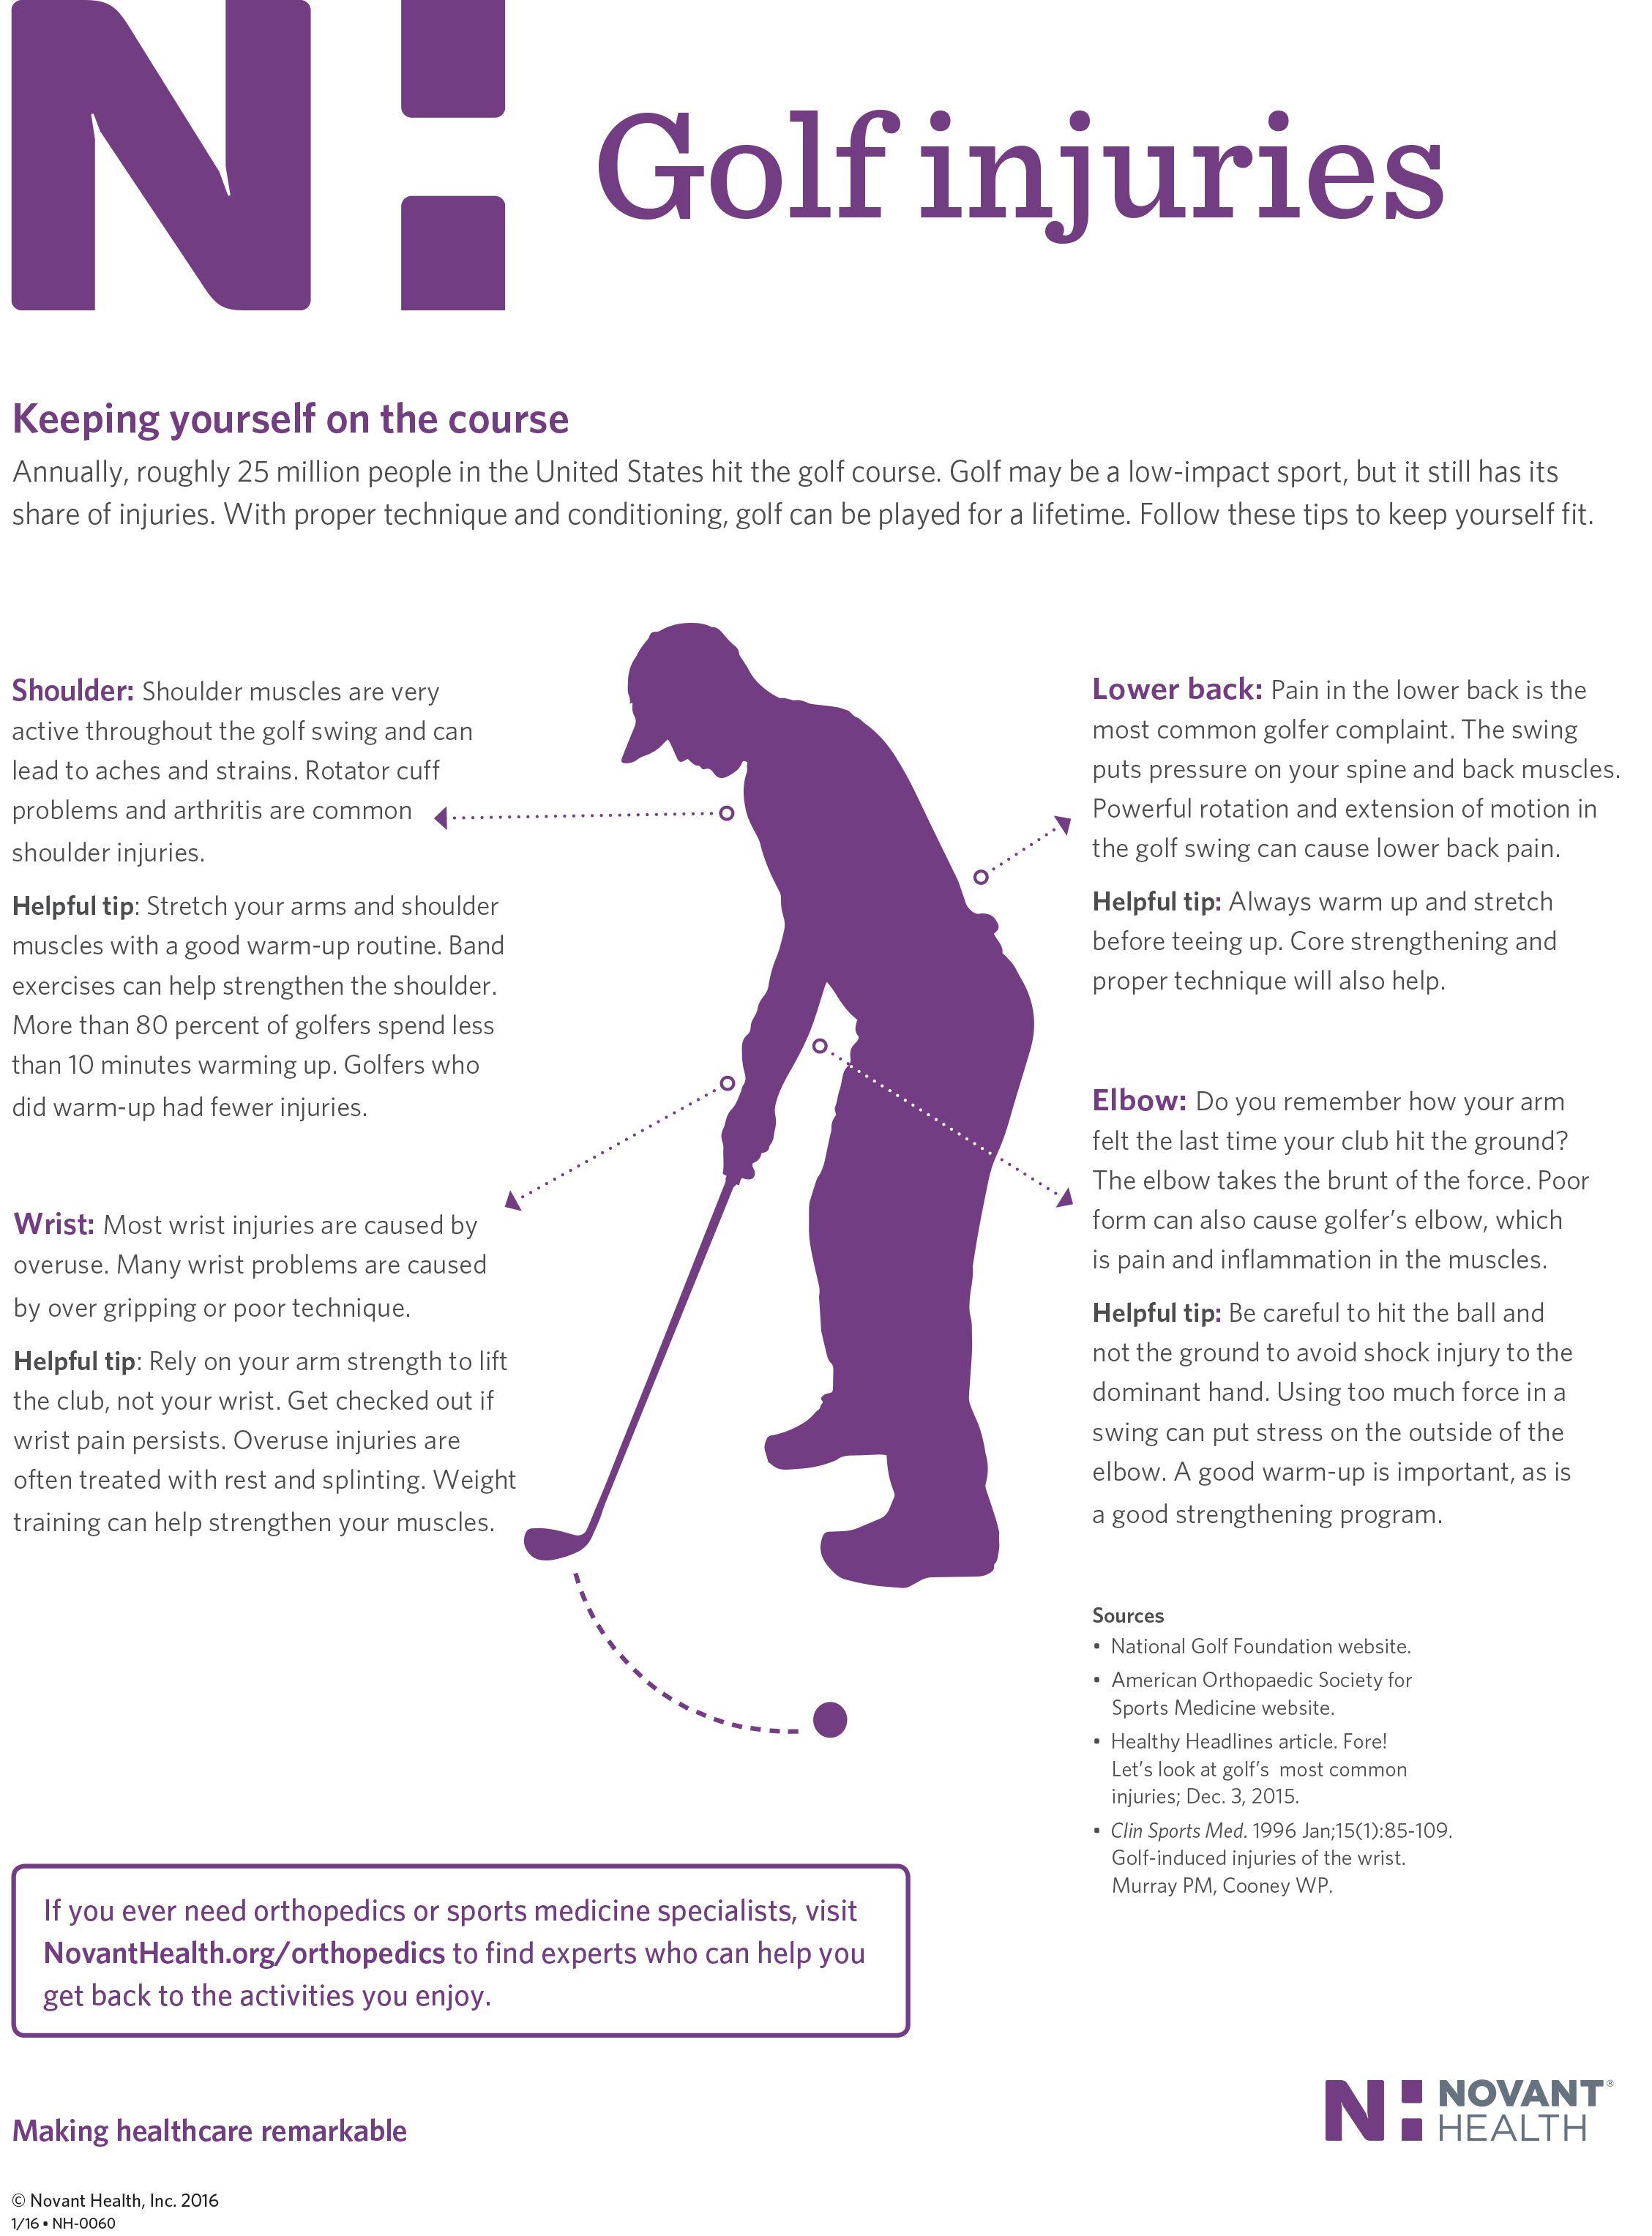 Orthopedics golf lessons advanced care shoulder muscles